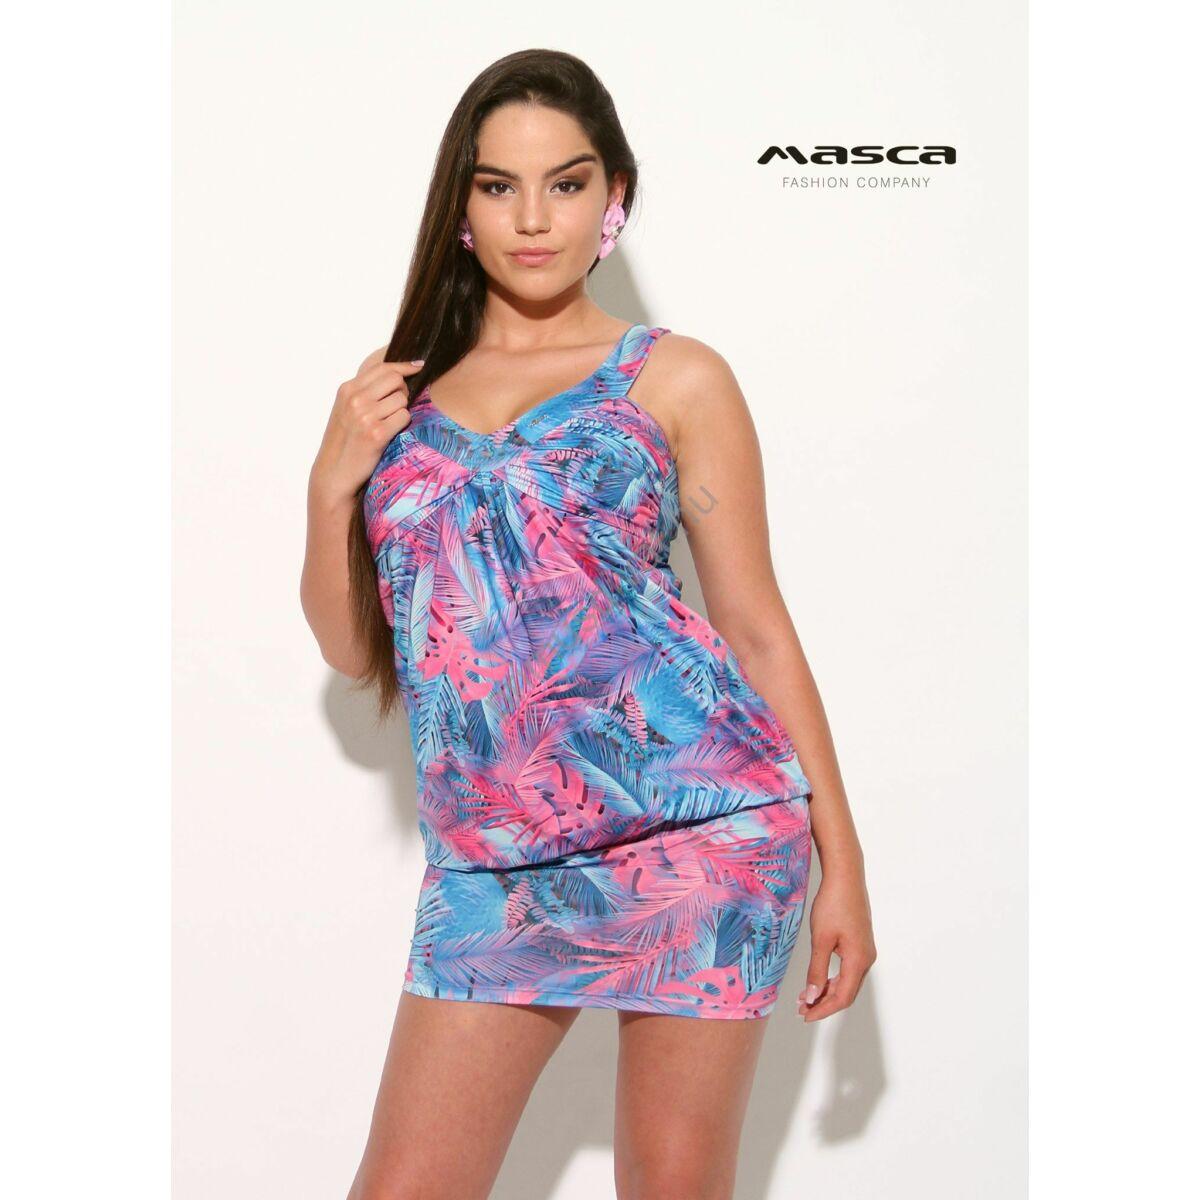 55e49e04a9 Kép 1/1 - Masca Fashion ujjatlan, ráncolt mellrészű kék-pink  dzsungelmintás, csípőben szűkebb laza tunika, miniruha